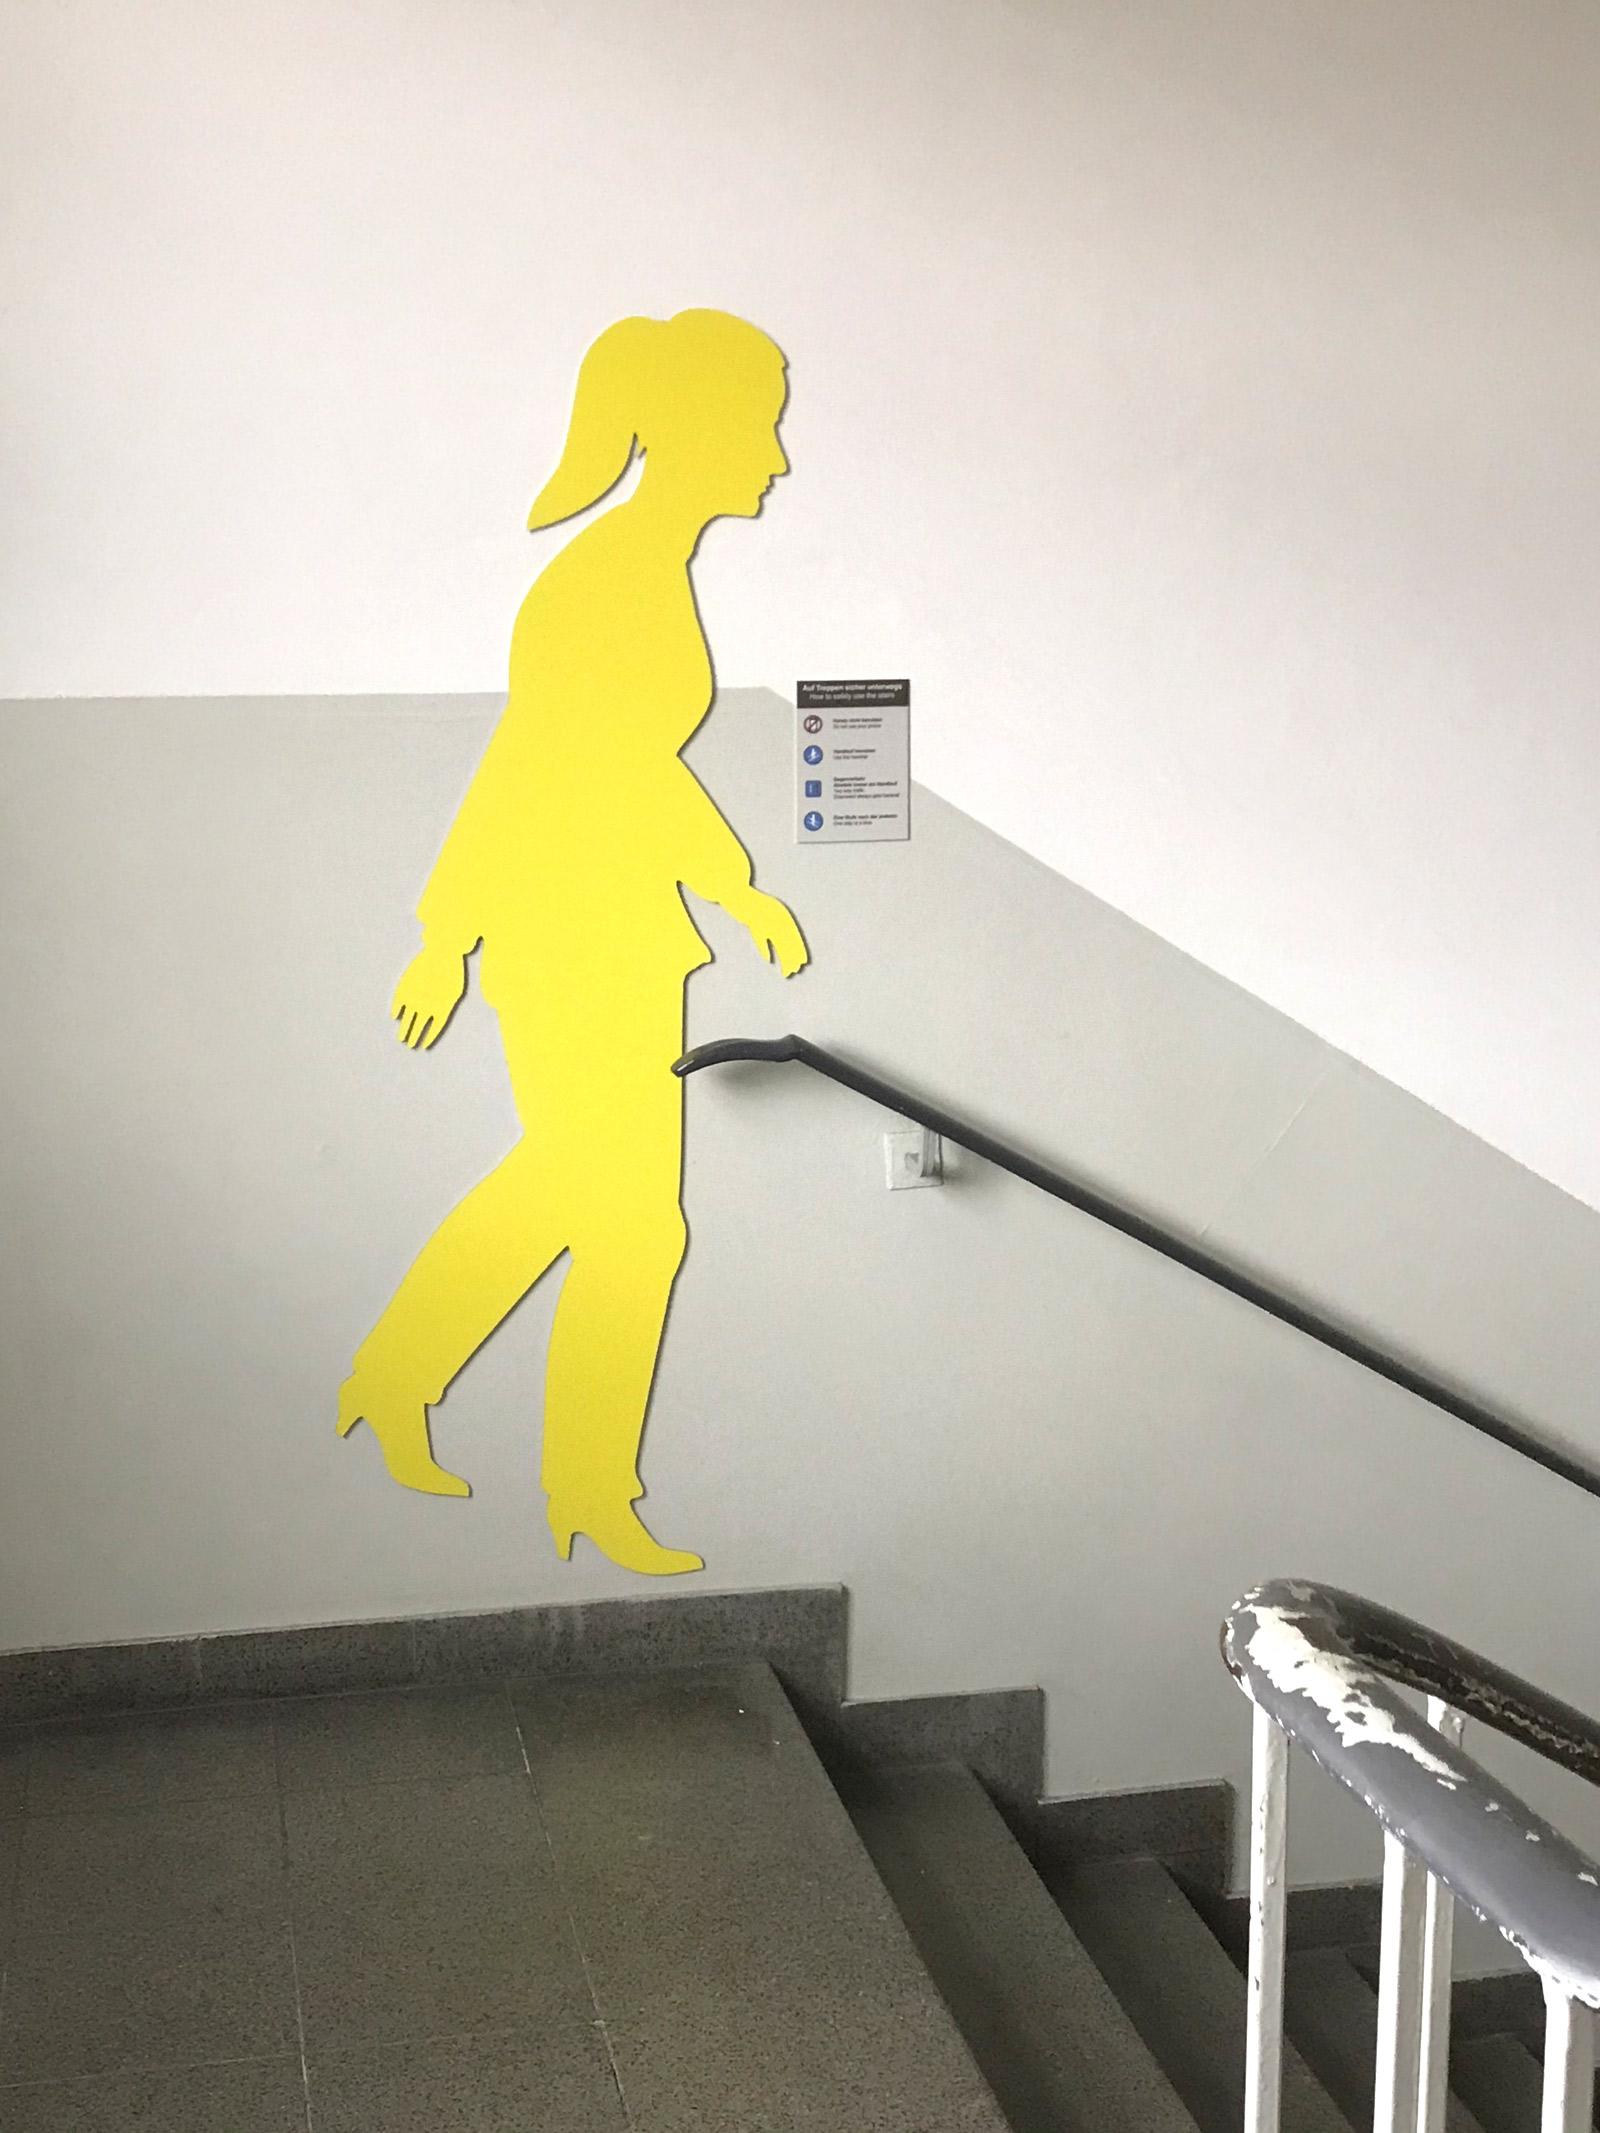 Gelbe weibliche Schattenfigur in einem Treppenhaus an der Wand